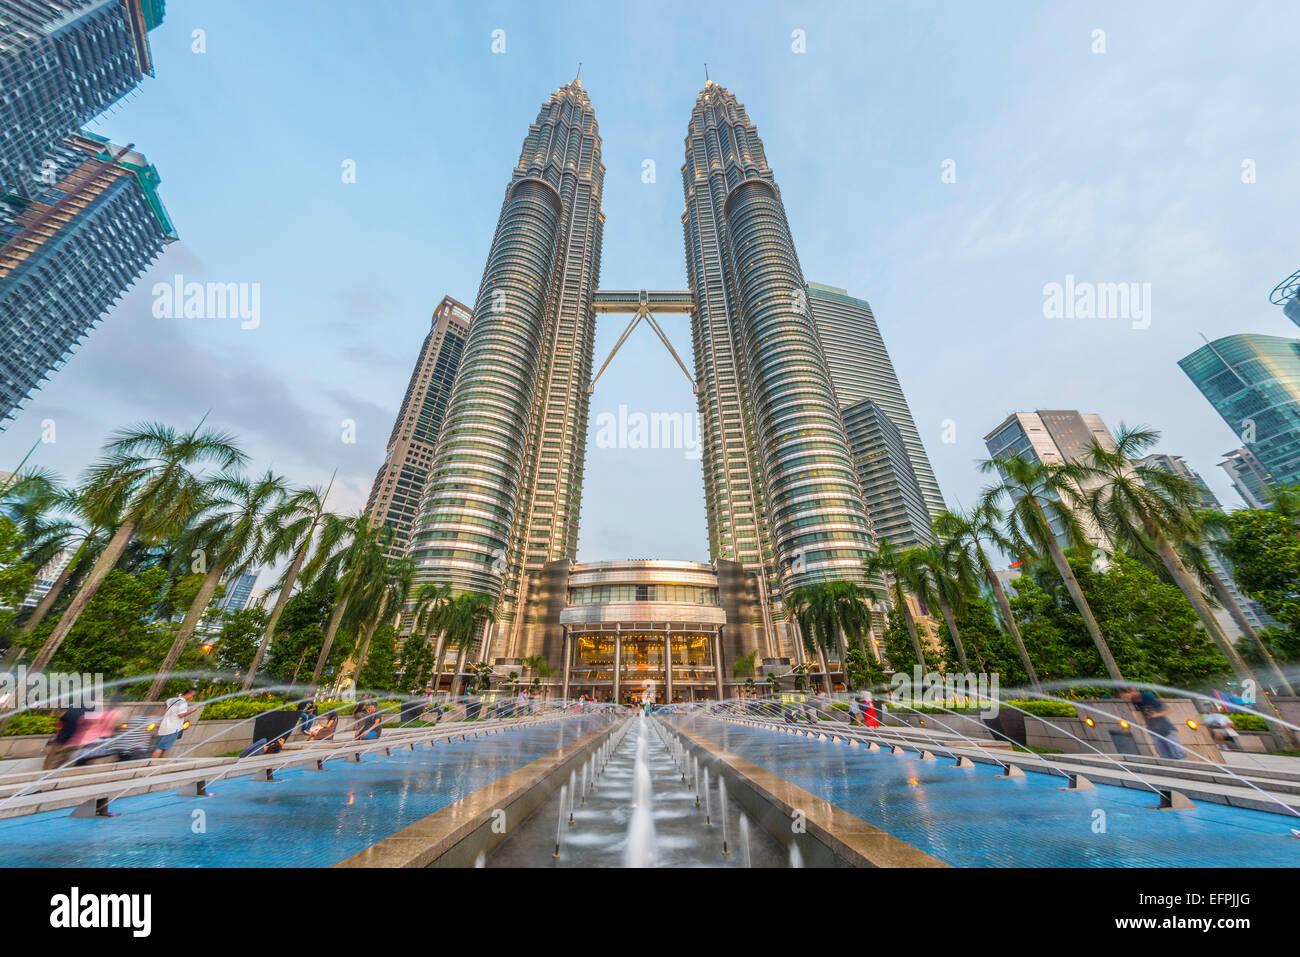 Les Tours Petronas, Kuala Lumpur, Malaisie, Asie du Sud, Asie Photo Stock